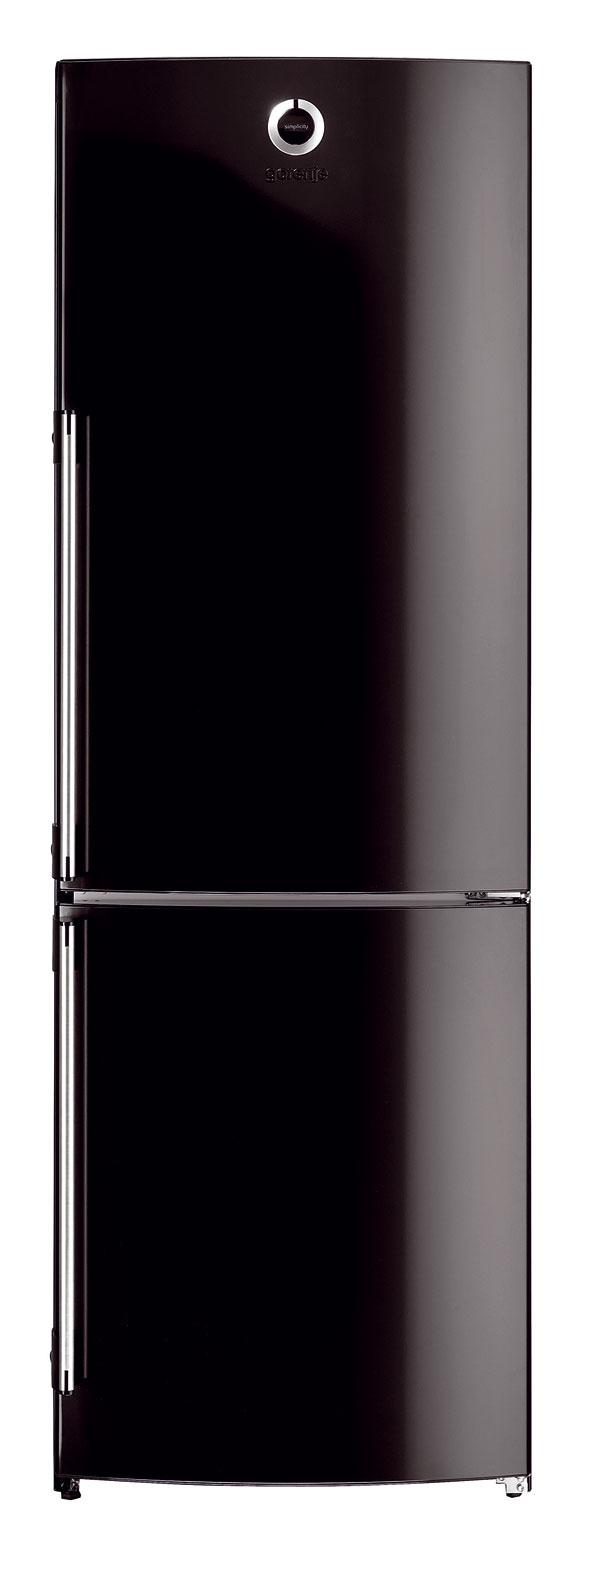 Kombinovaná chladnička Gorenje RK 68 SYB zdizajnovej série Simplicity svýškou 180 cm. Objem 230/82 litrov. Zásuvka CoolFresh, chladiaca časť sautomatickým odmrazovaním, antibakteriálna úprava. Spotreba elektrickej energie 284 kWh/rok, energetická trieda A+. Cena 460 €.